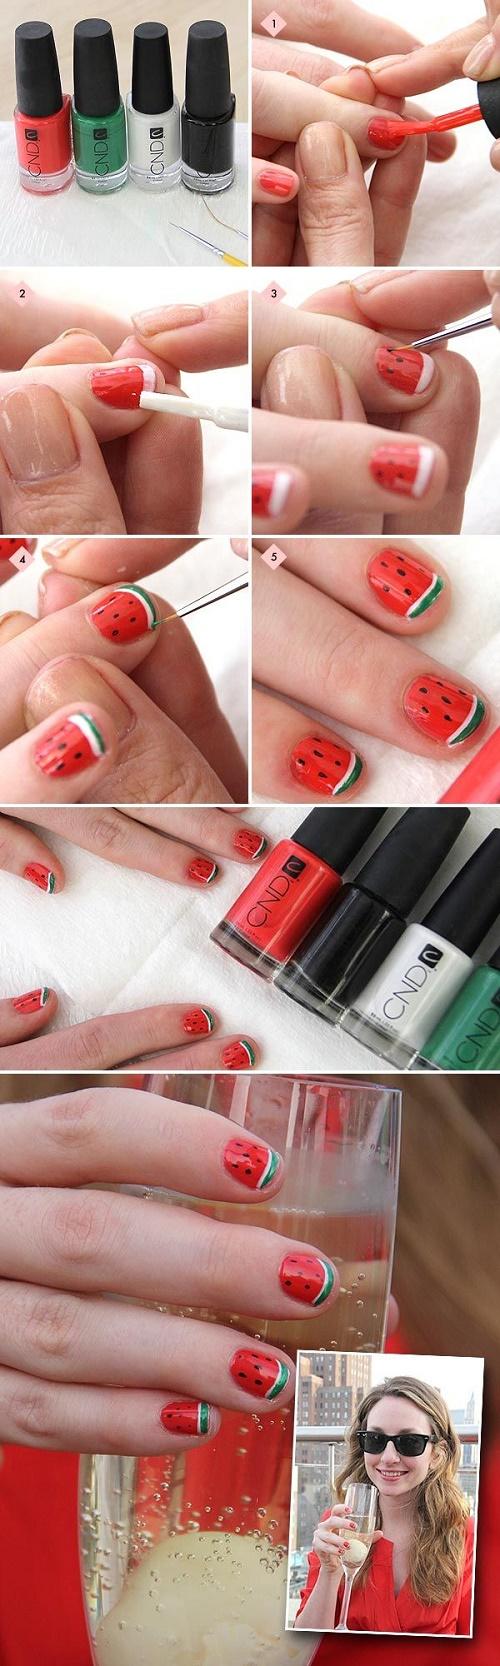 spring nails14